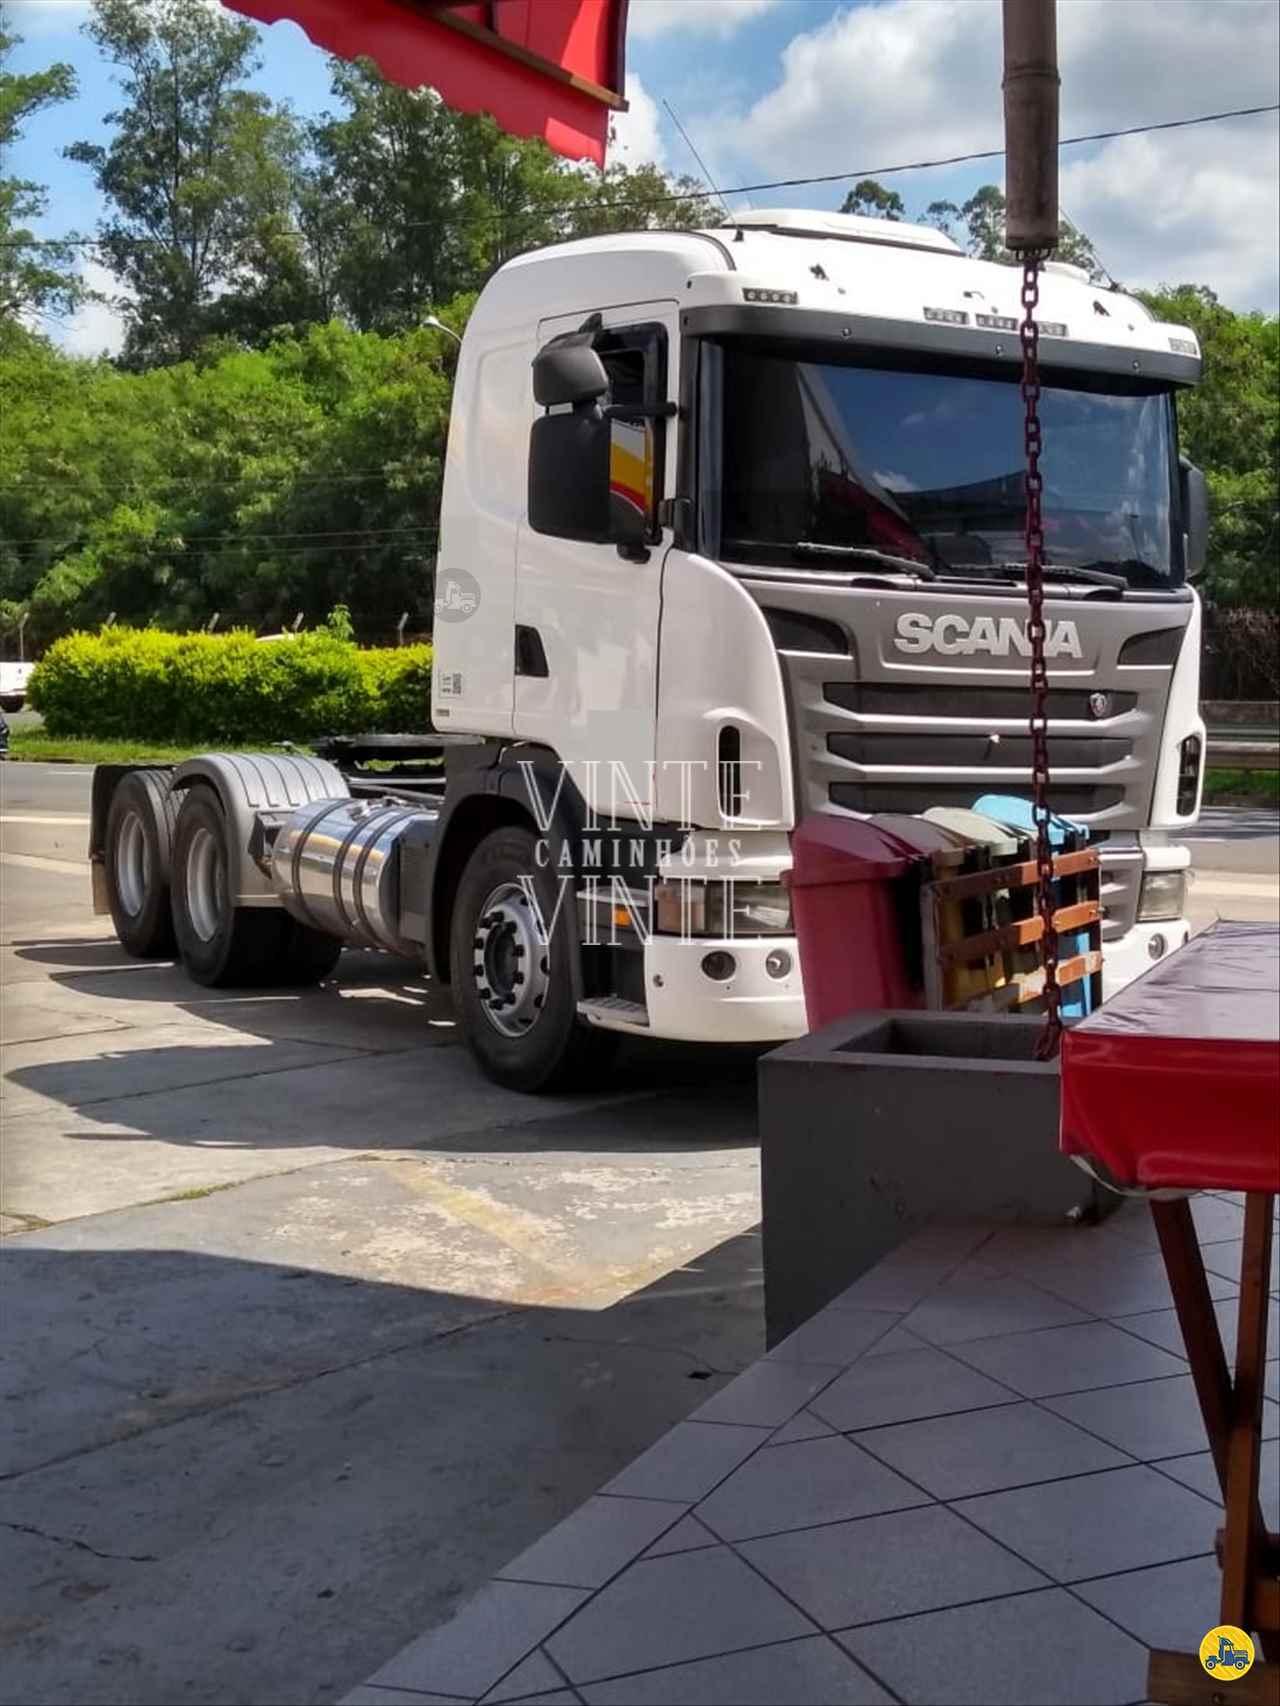 CAMINHAO SCANIA SCANIA 420 Cavalo Mecânico Truck 6x2 Vinte-Vinte Caminhões SANTO ANDRE SÃO PAULO SP